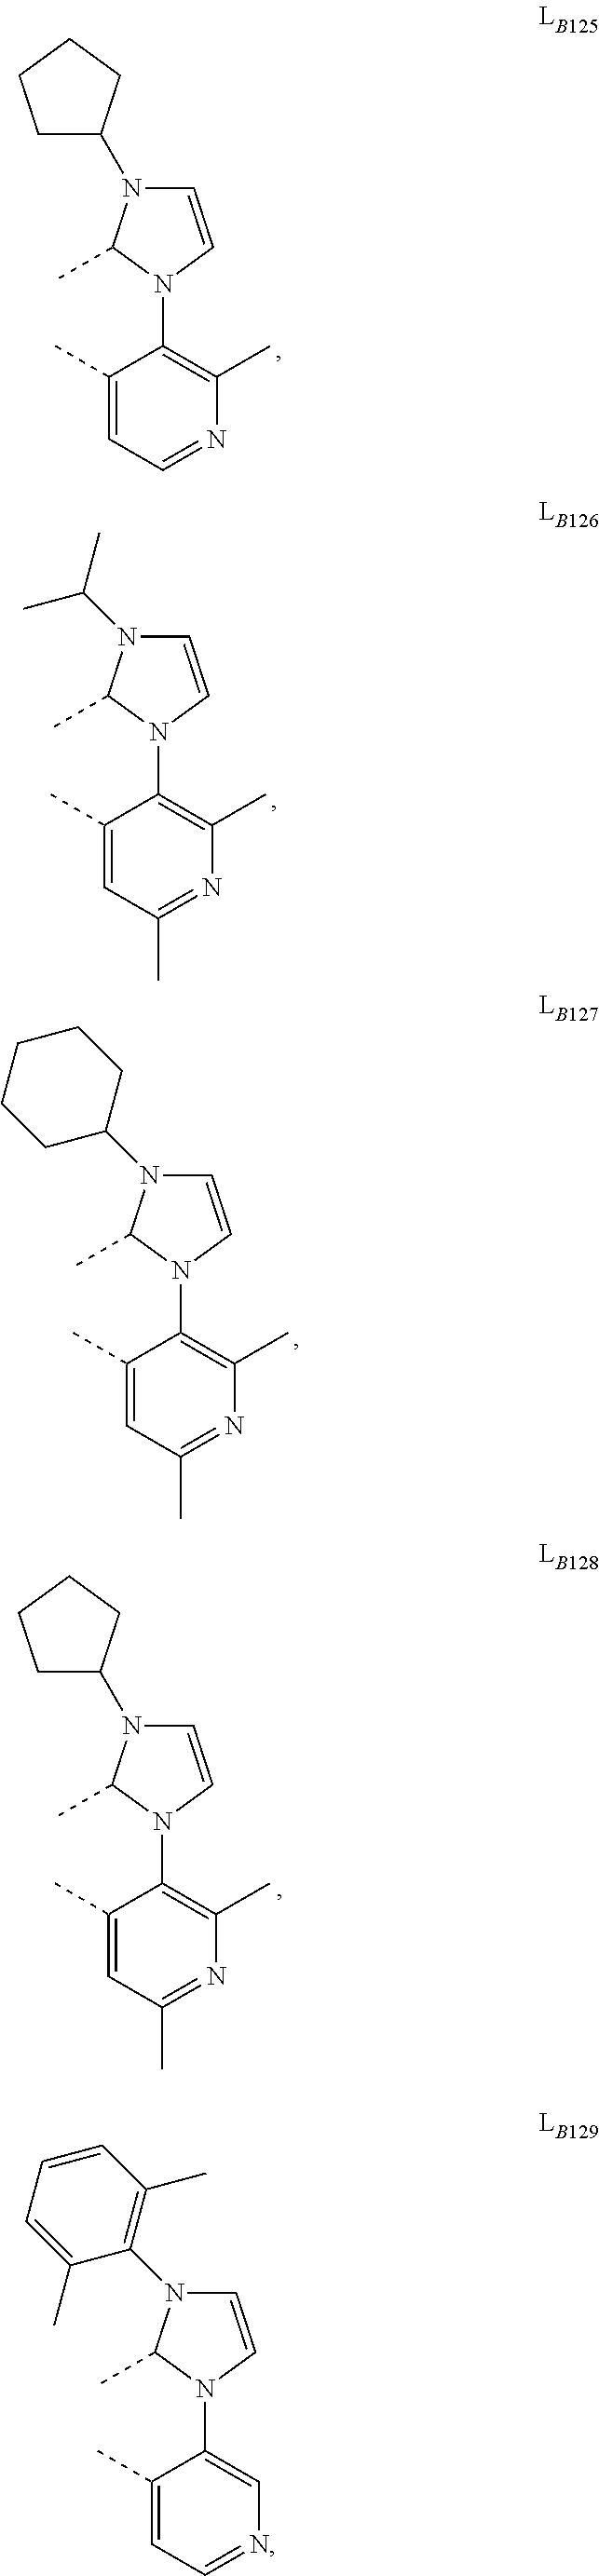 Figure US09905785-20180227-C00525